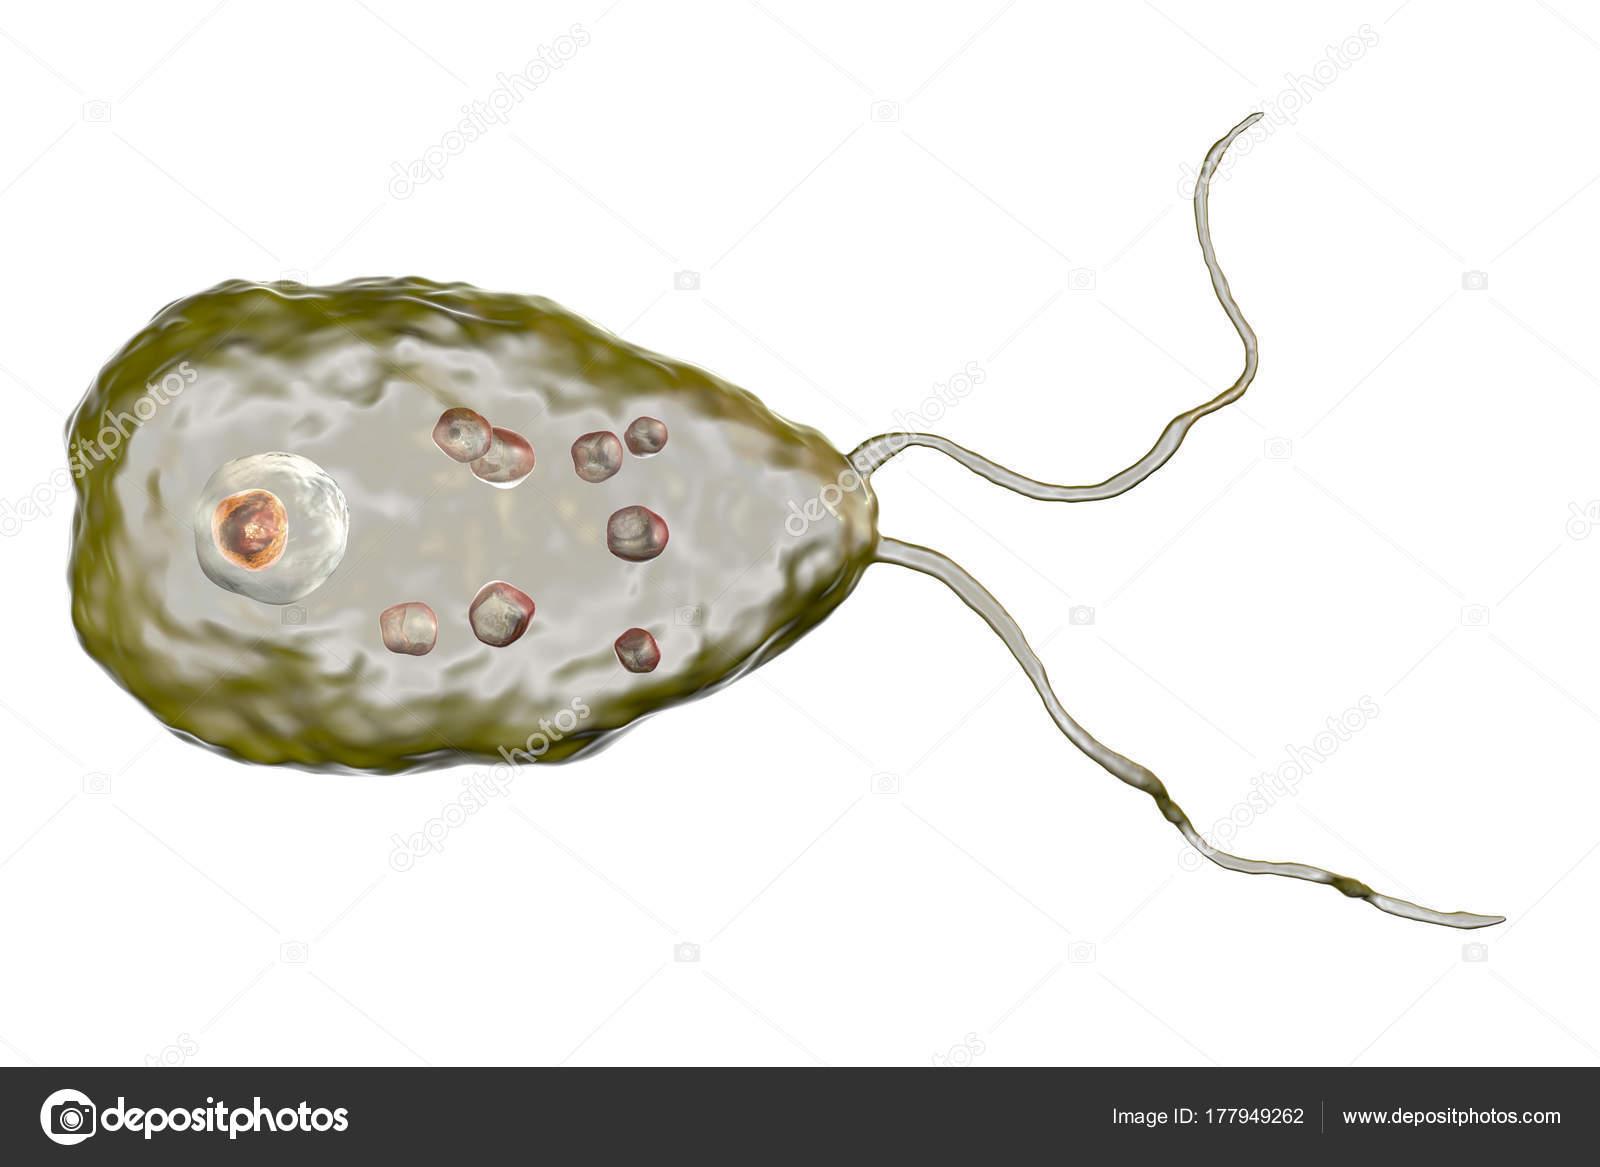 nigleria parazita mit kell venni a belekben lévő parazitáktól